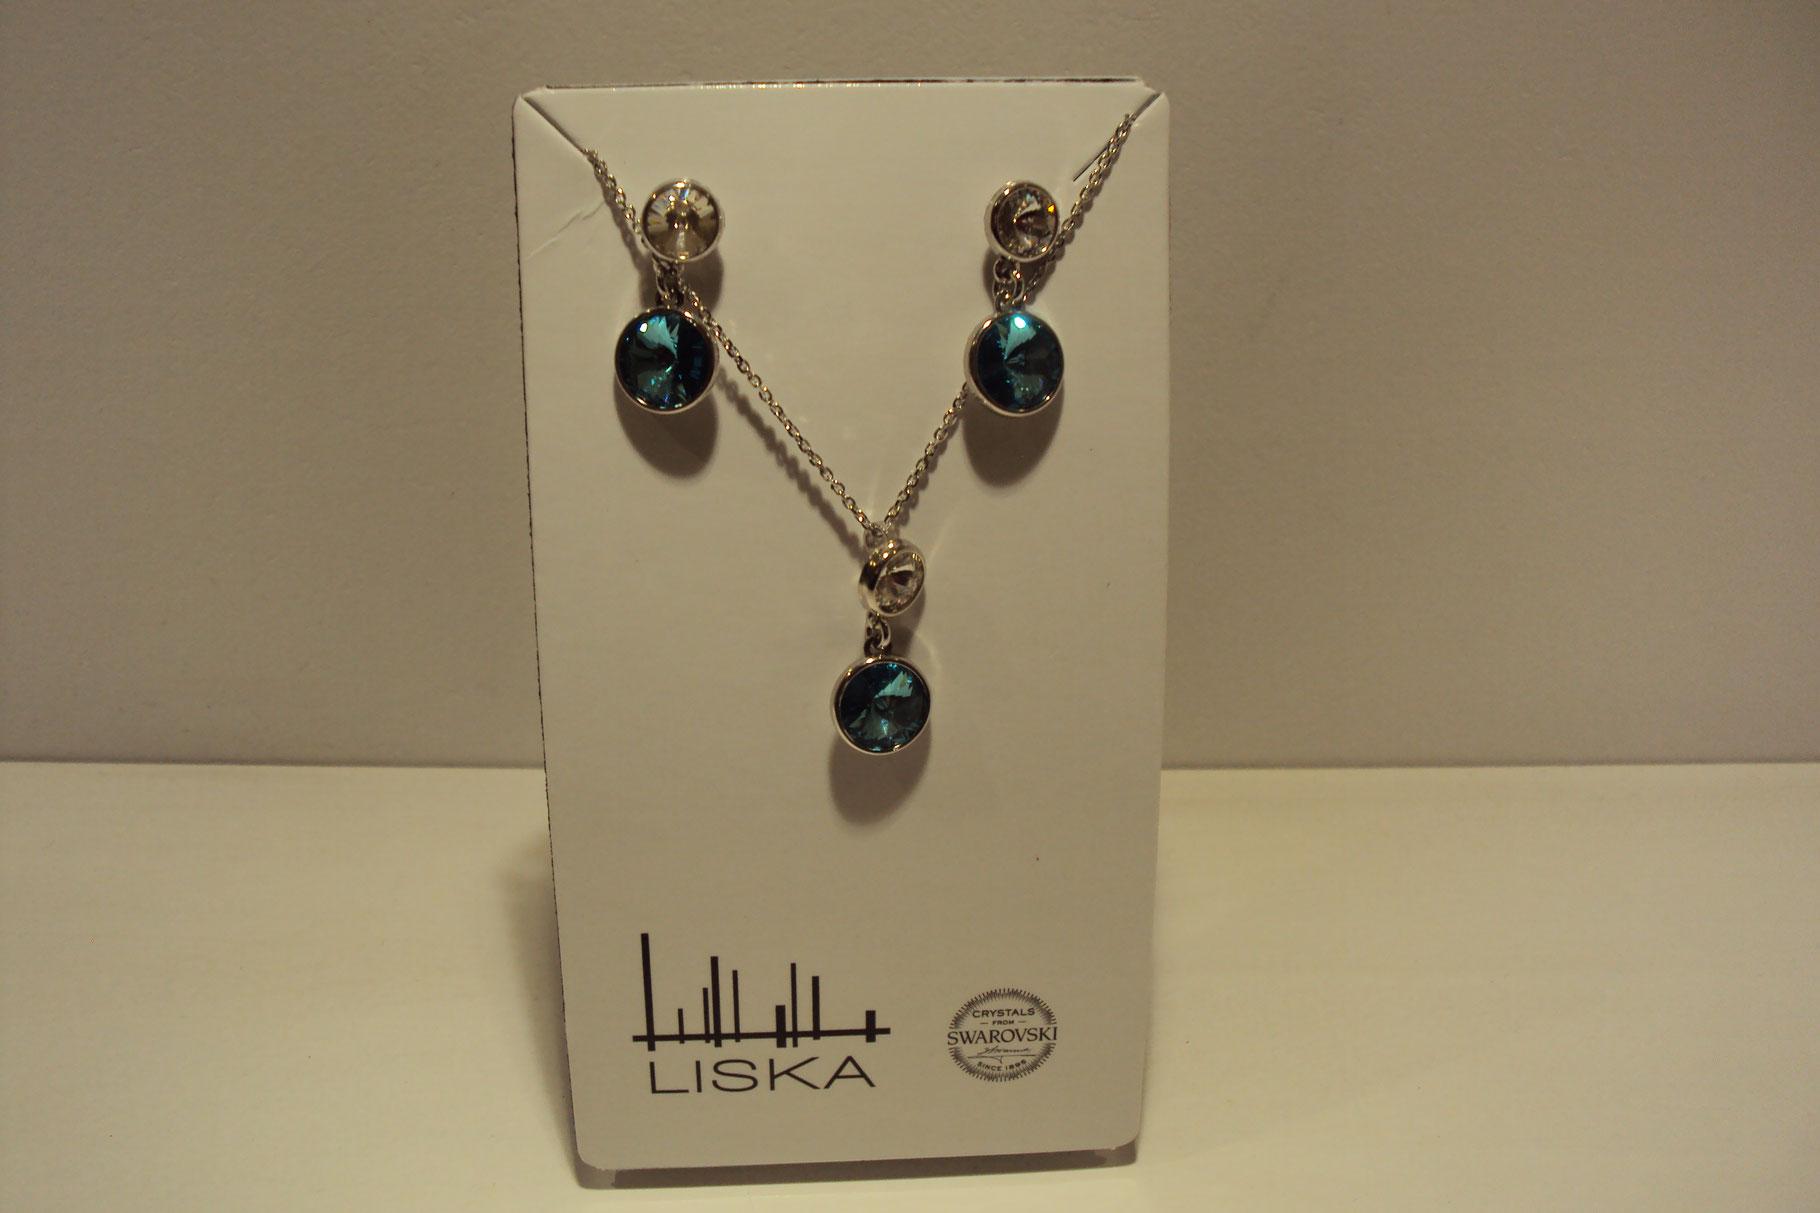 Conjunto plata Liska de pendientes y colgante con piedras Swarovski transparentes y azul turquesa. 39€